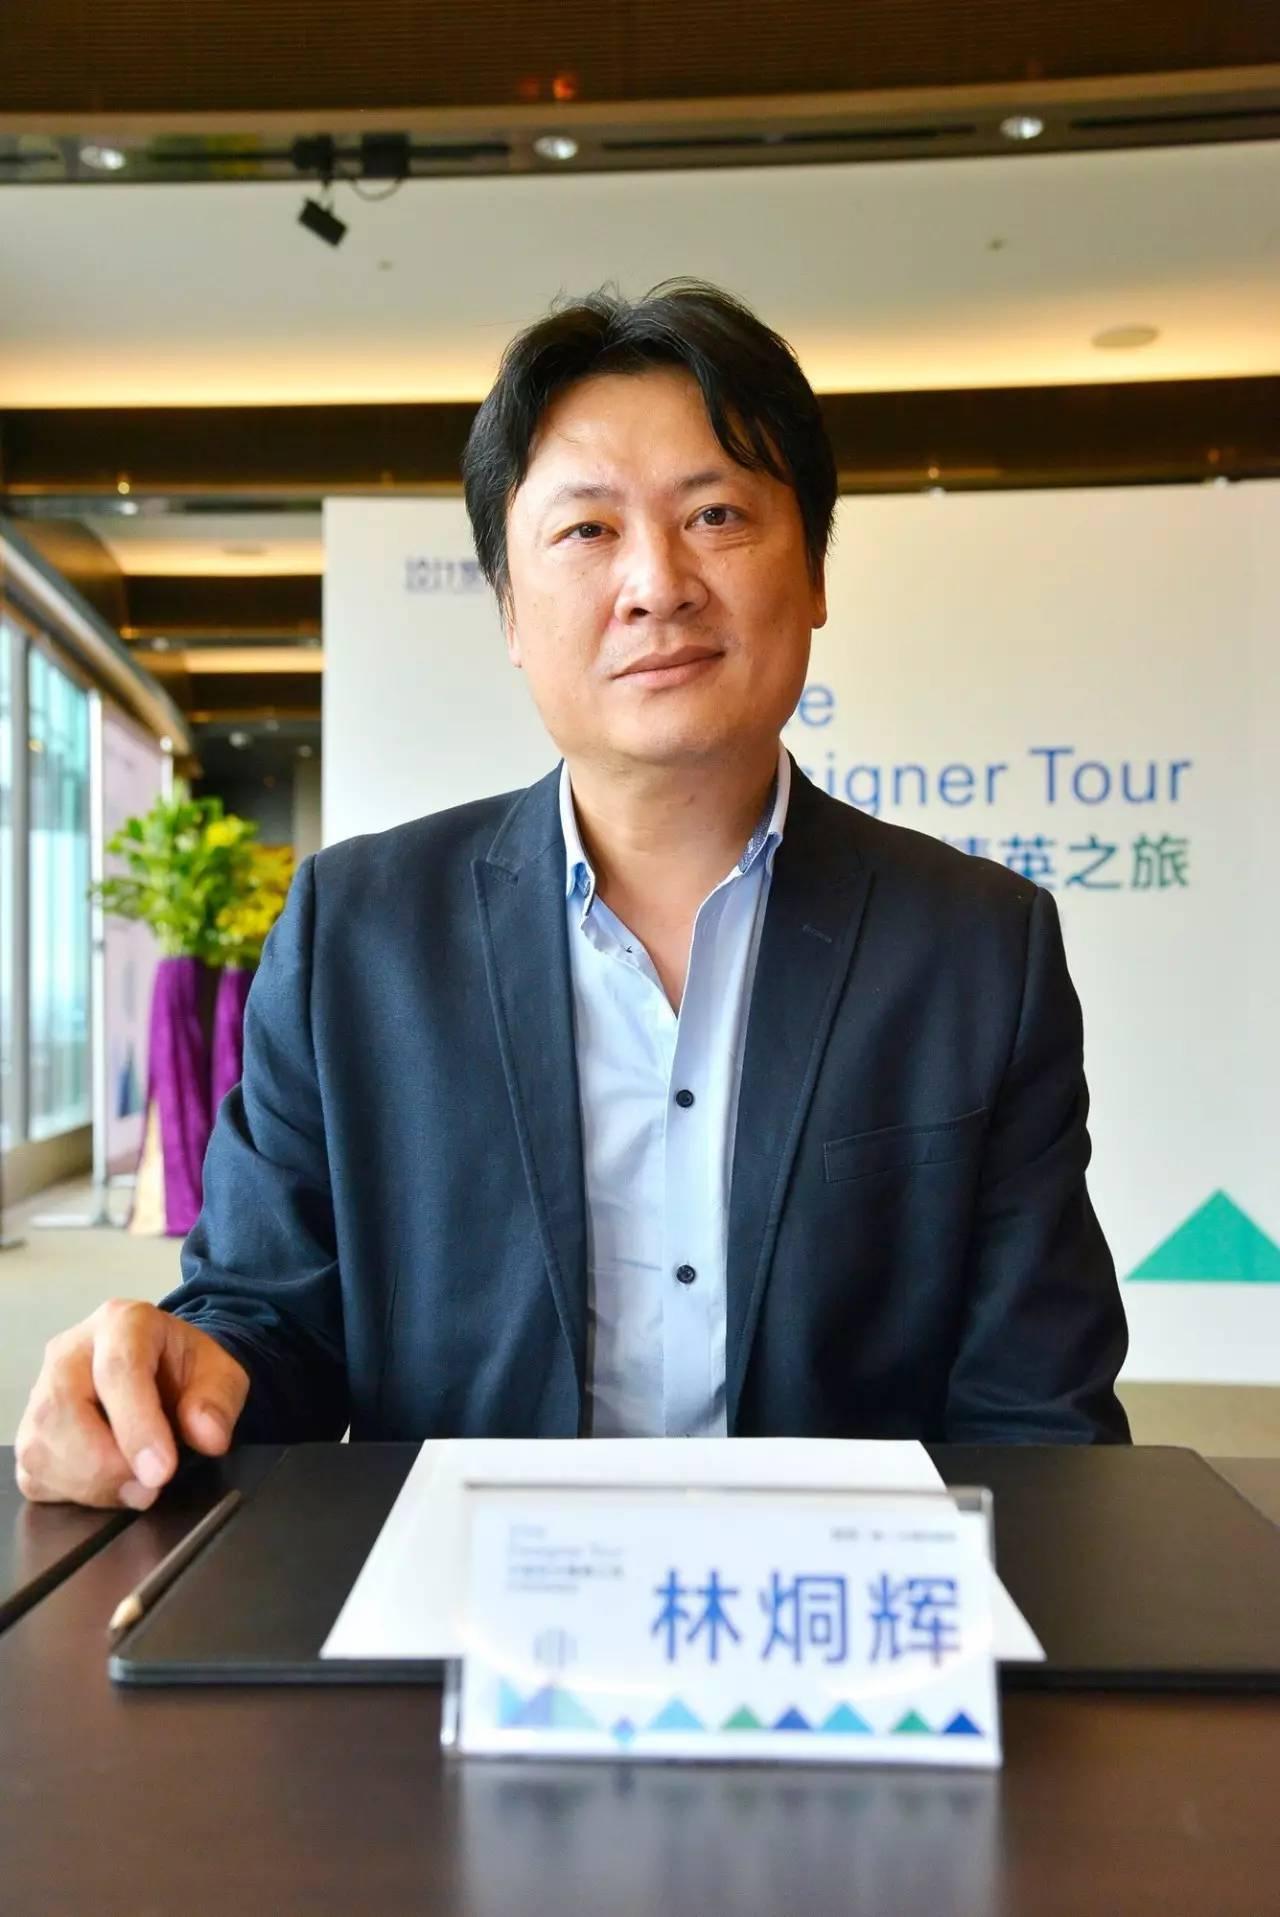 海口易家居装饰设计工程有限公司设计师杨帆,青岛元洲装饰首席设计师